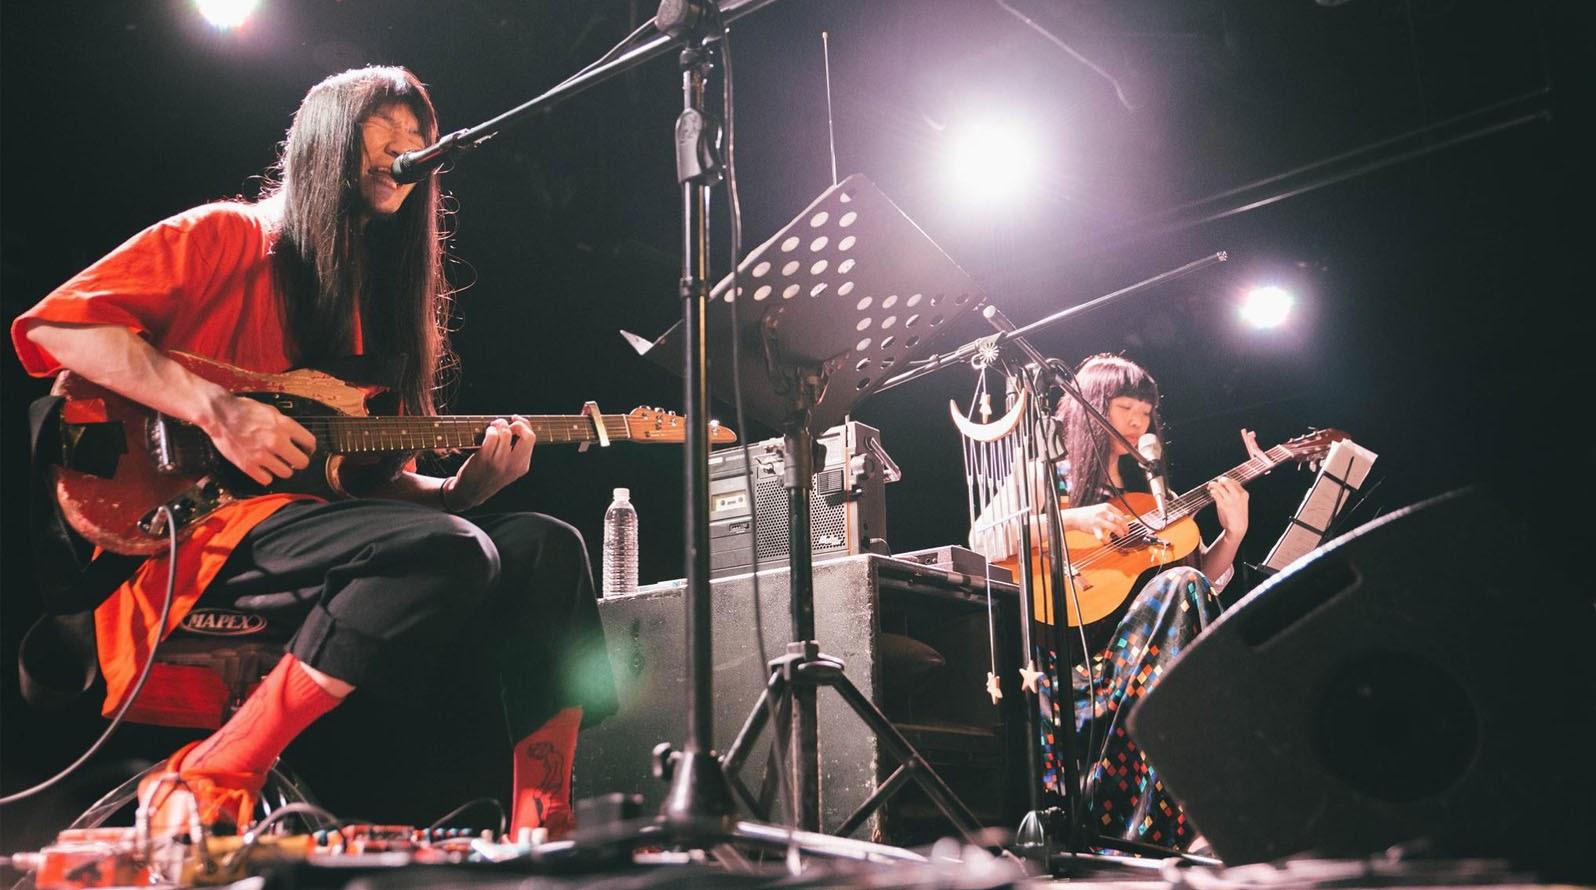 如孩子般地純真把玩音樂 將聽者深深吸入無限飄渺空靈的三度空間 青葉市子 × NUUAMM台灣公演報導